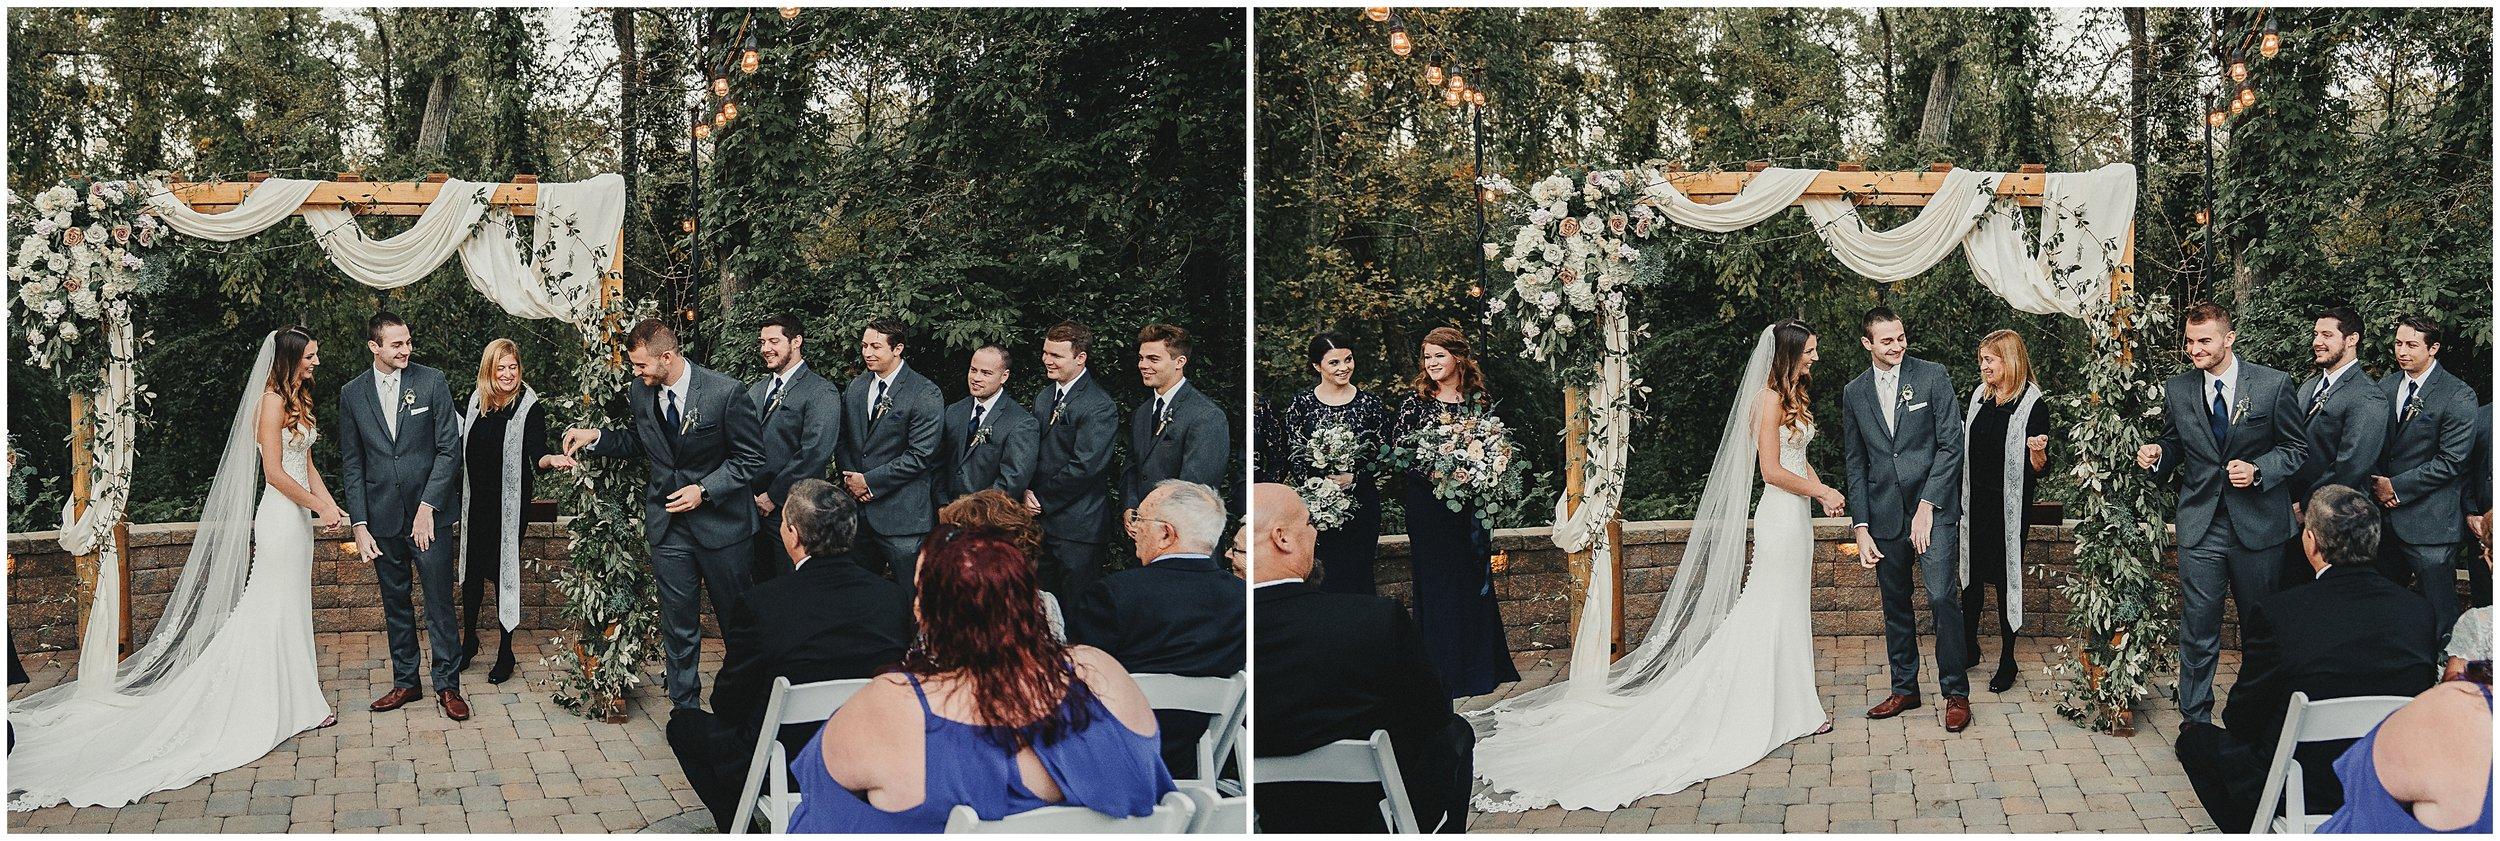 Ritchie Hill wedding_1275.jpg